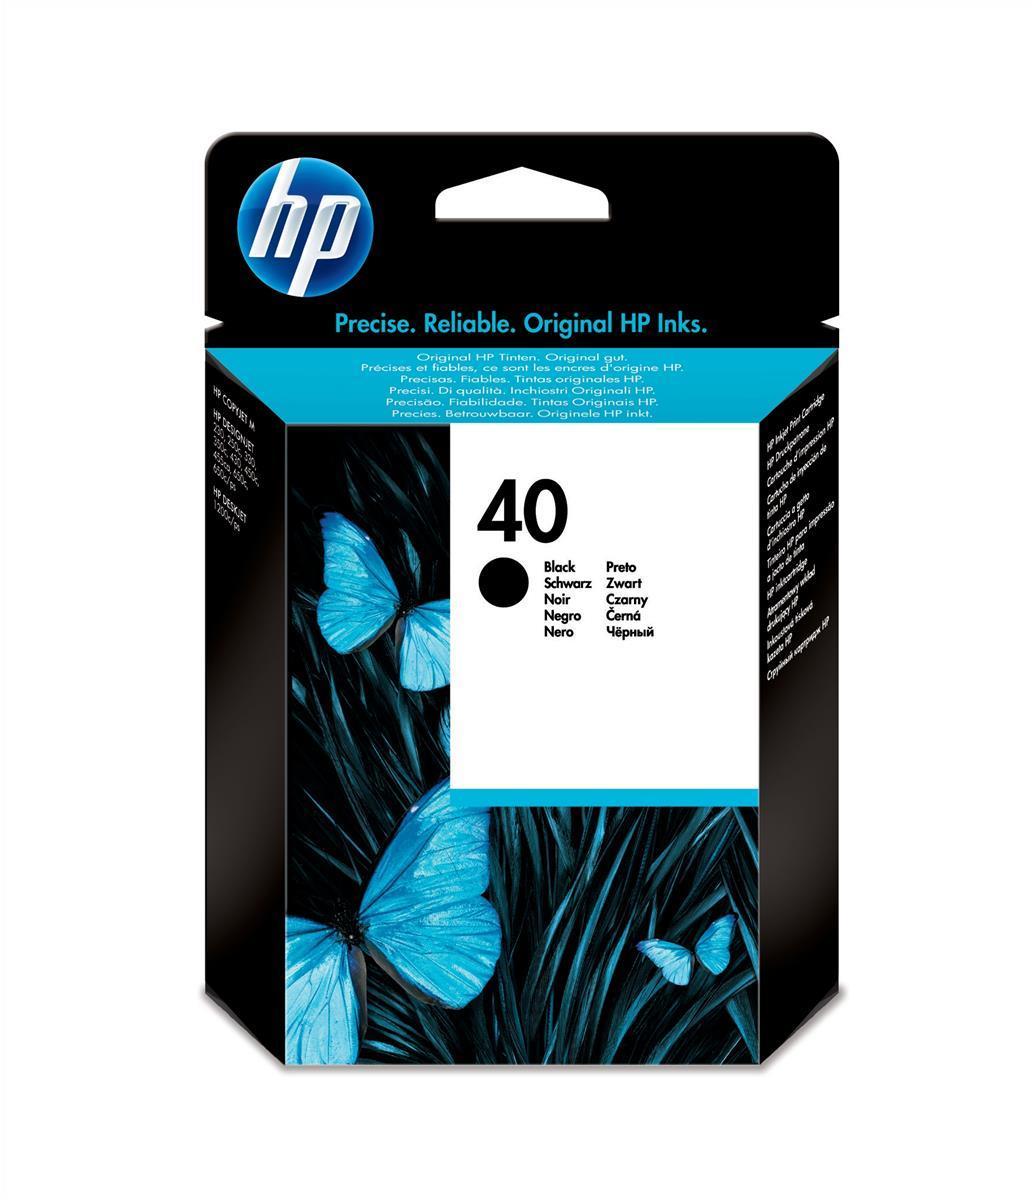 HP No.40A Inkjet Cartridge 42ml Black Code 51640AE